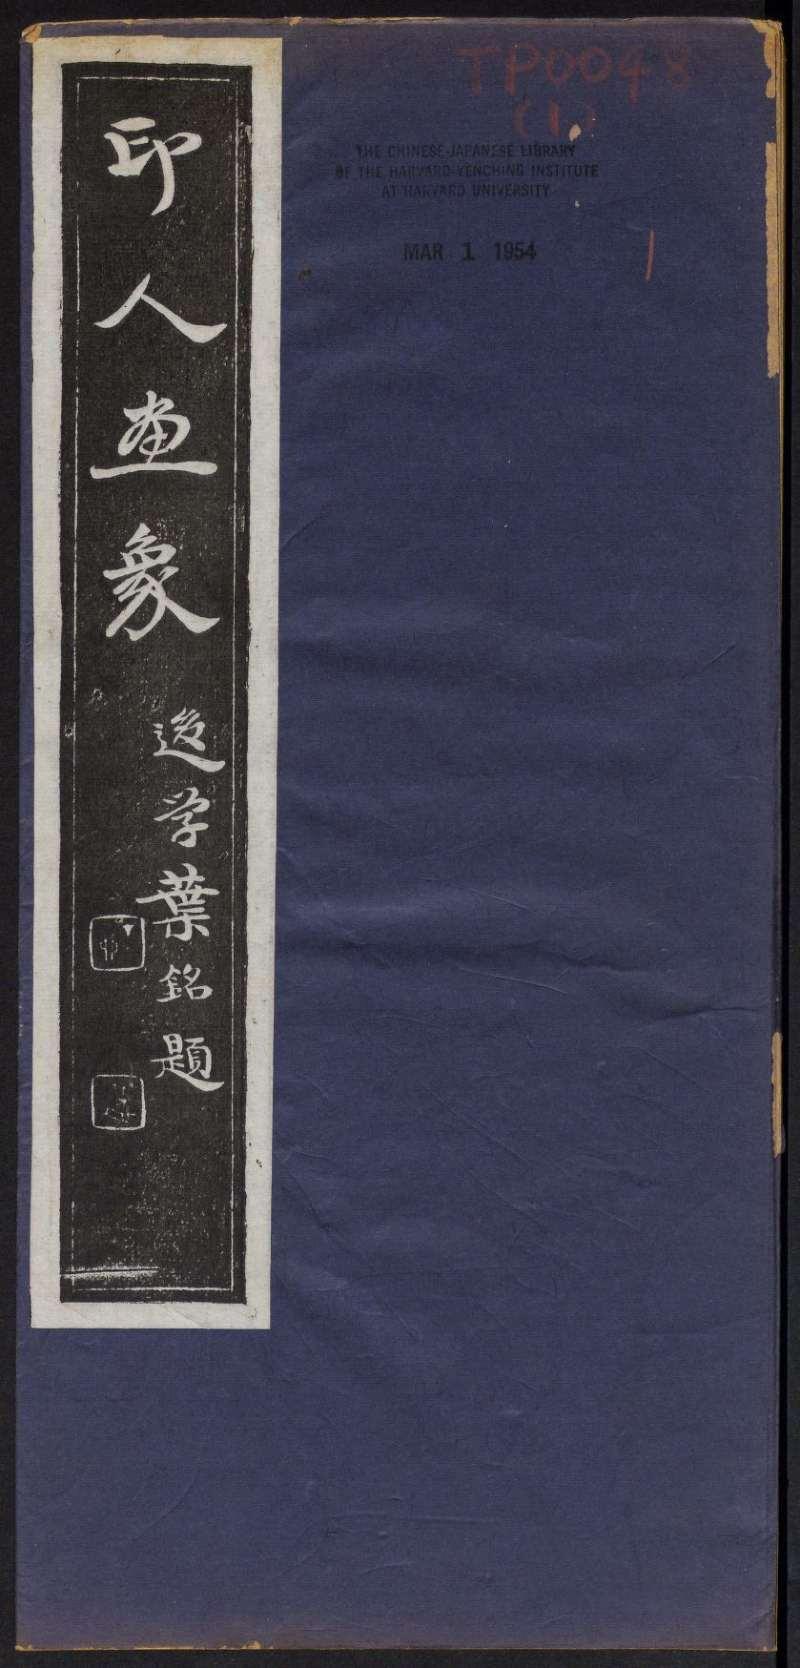 印人画像.西泠印社编.1914